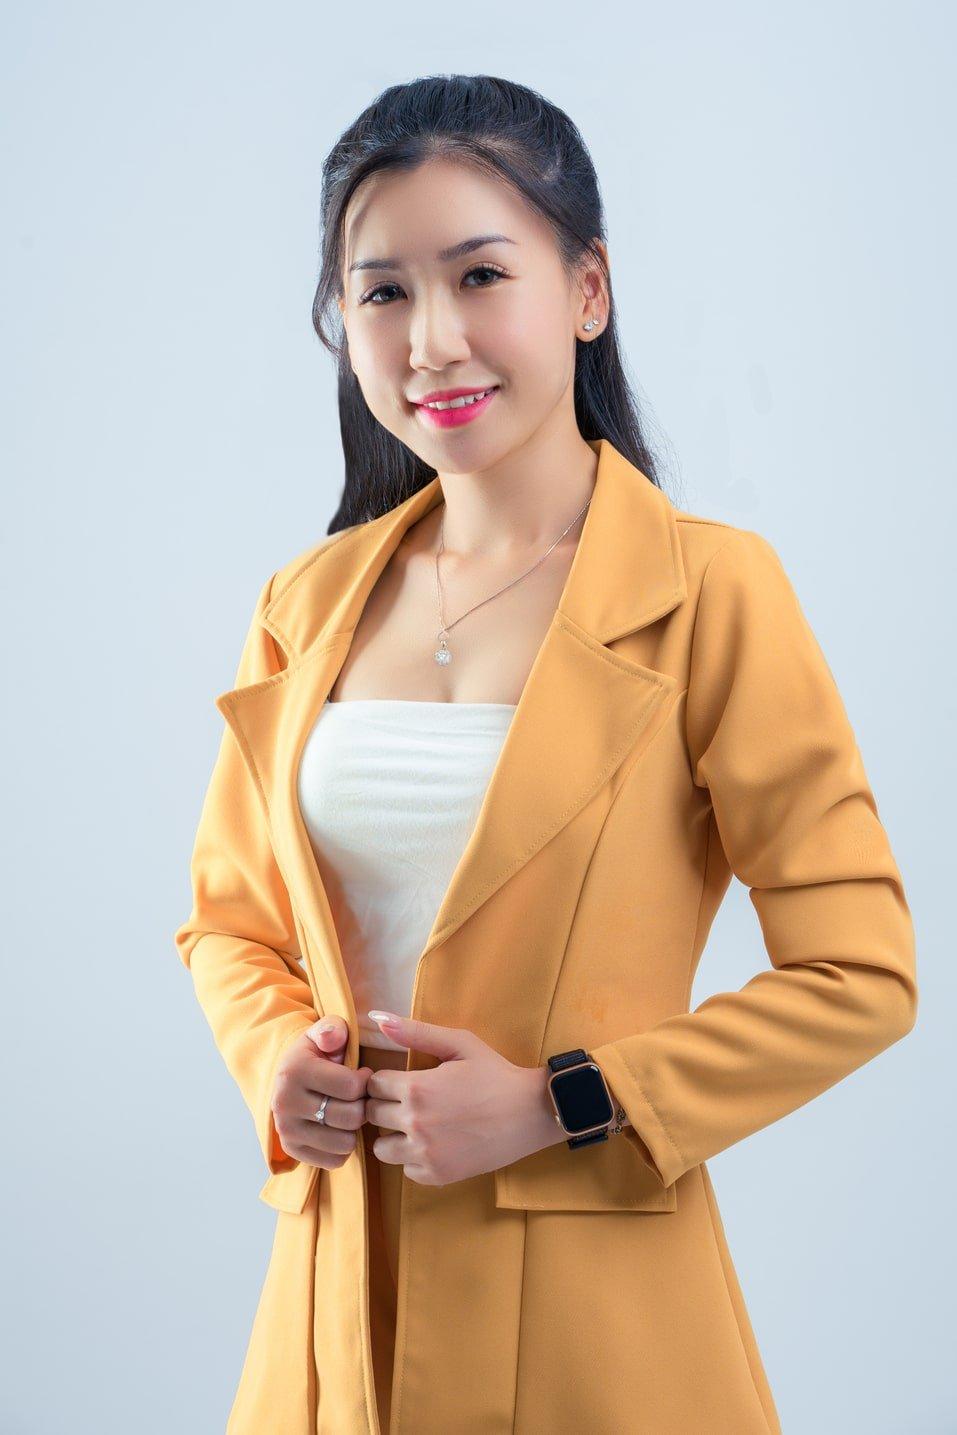 Studio chụp ảnh thương hiệu cá nhân đẹp, chuyên nghiệp tại Tp.HCM